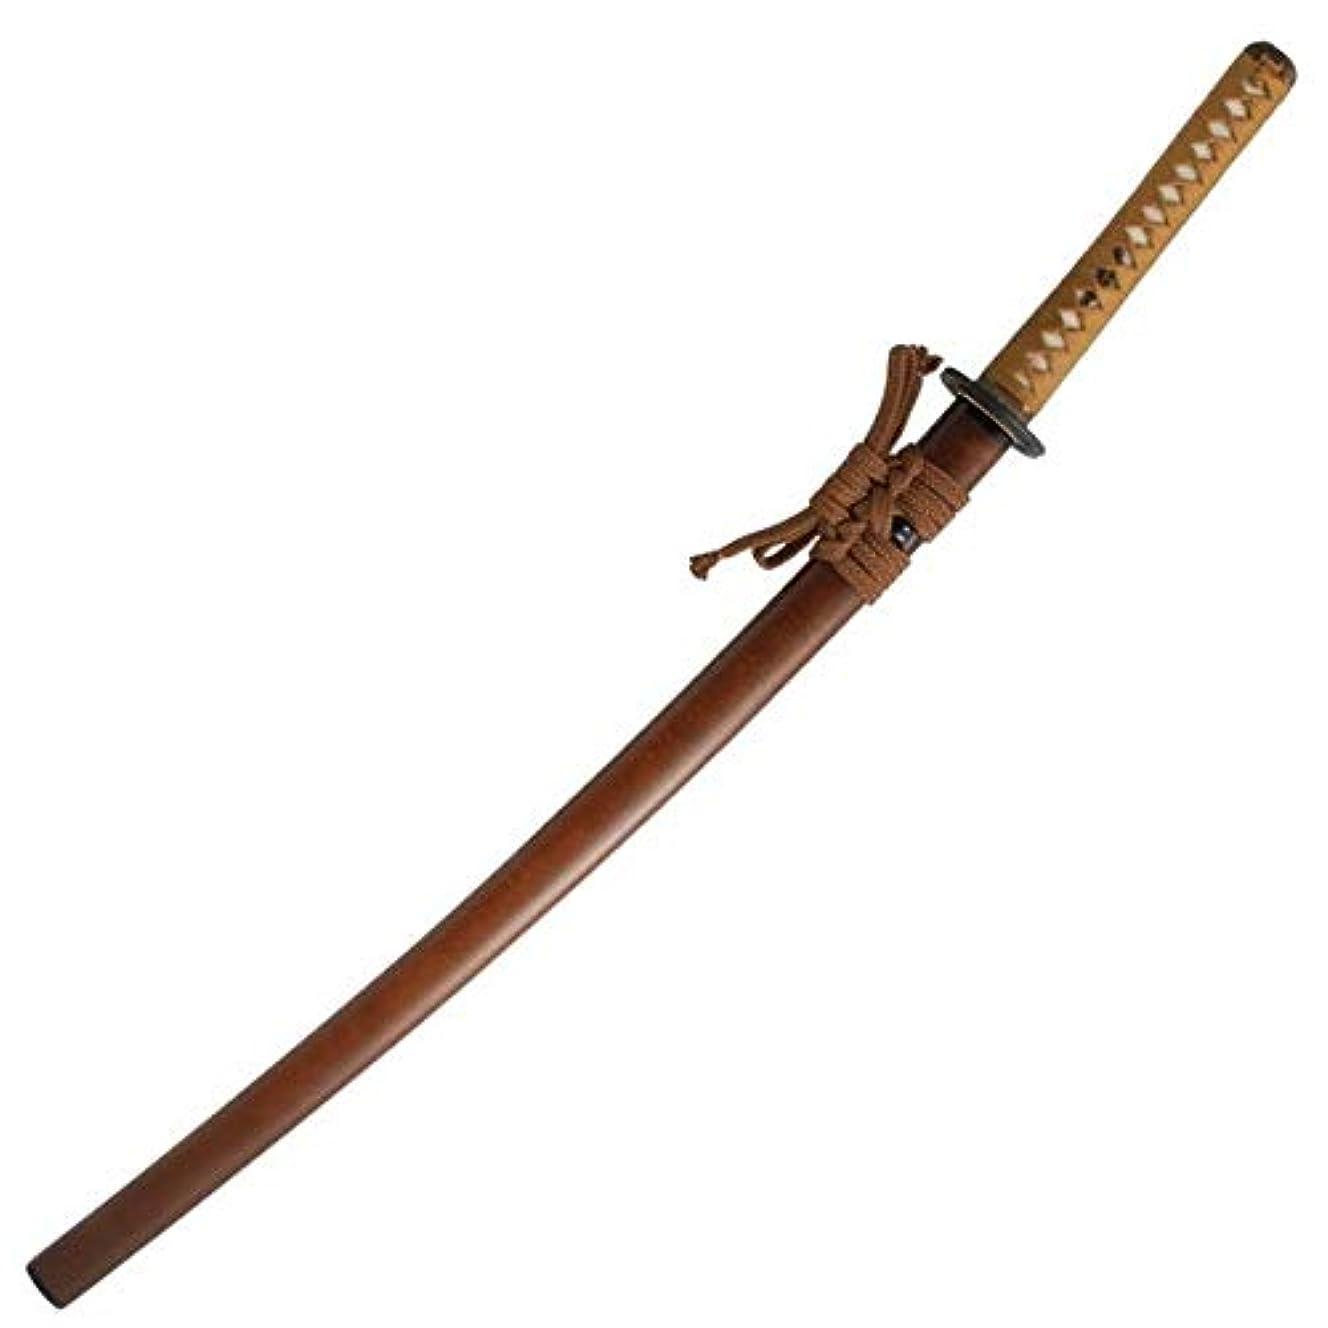 カッター他のバンドでしわ模造刀 逆刃刀DX 極上研磨刀身(gst-sta-1906d)刀袋付 美術刀剣(代引き不可)